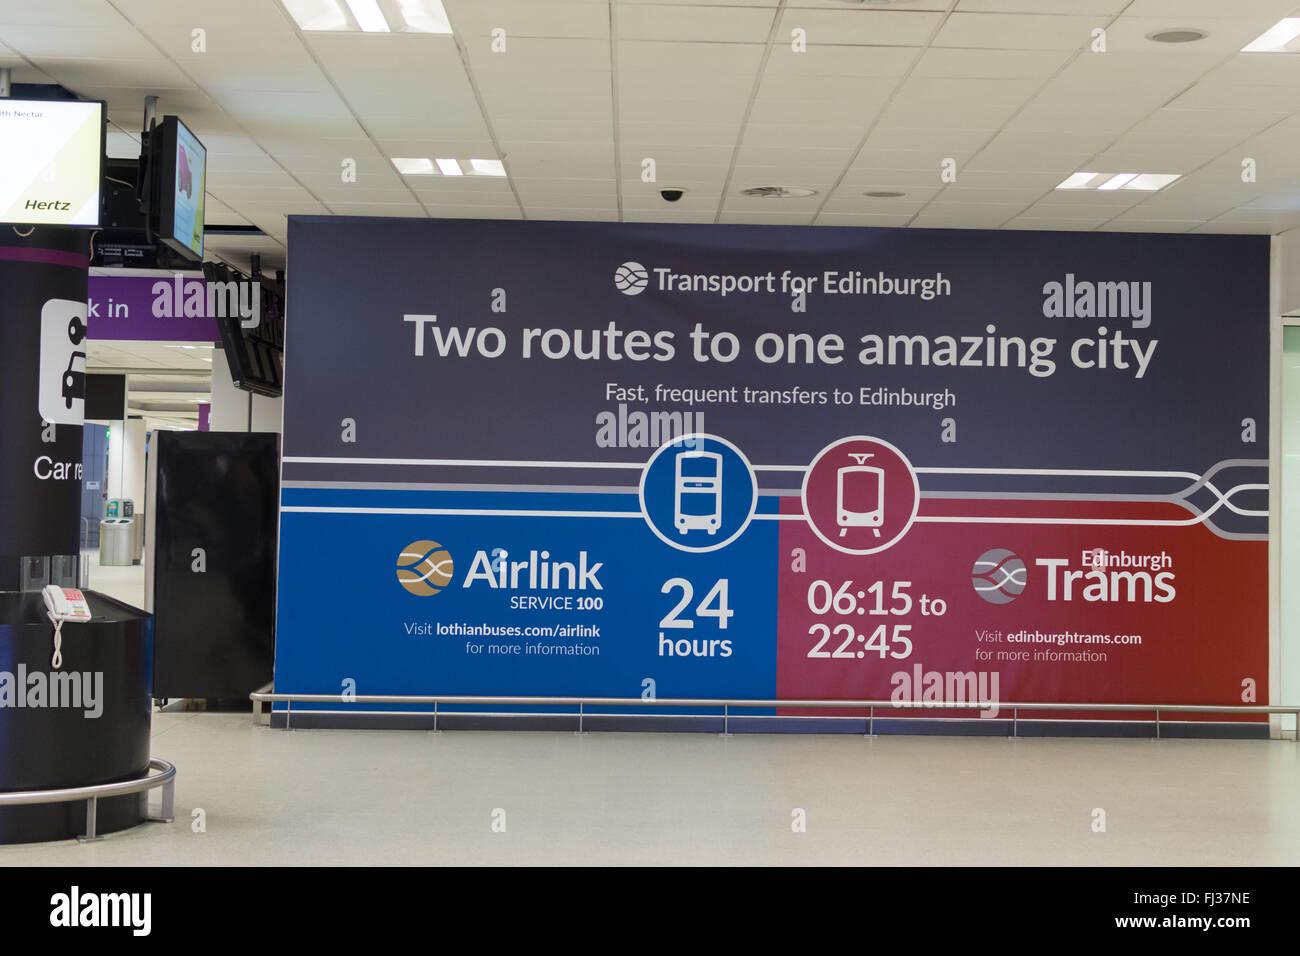 L'aéroport d'édimbourg sign advertising en transports en commun au centre-ville d'Édimbourg Photo Stock